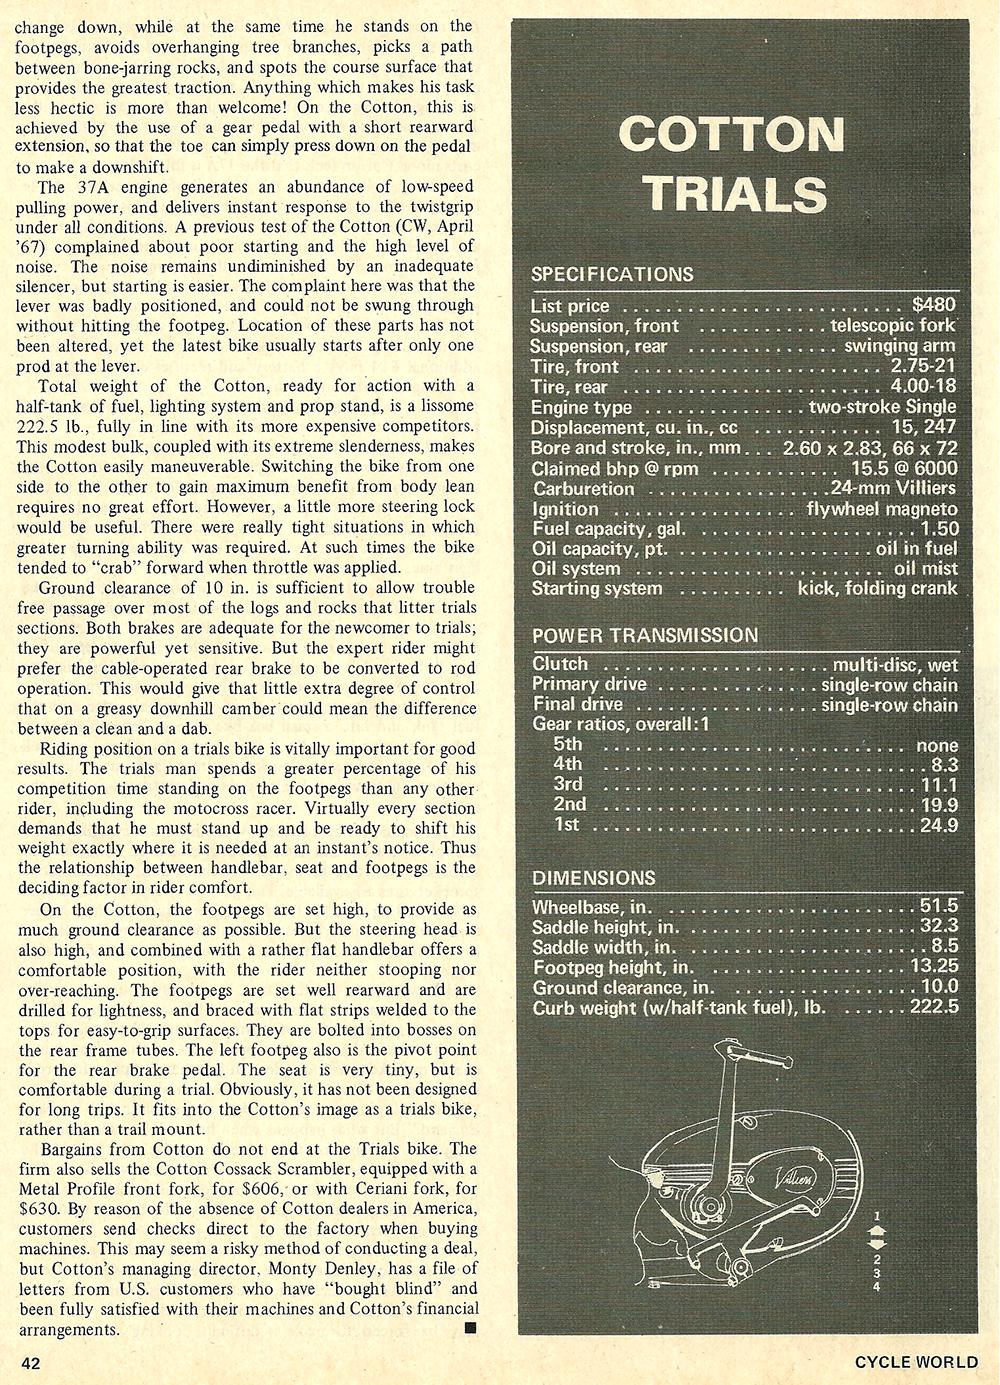 1968 Cotton Trials road test 03.jpg